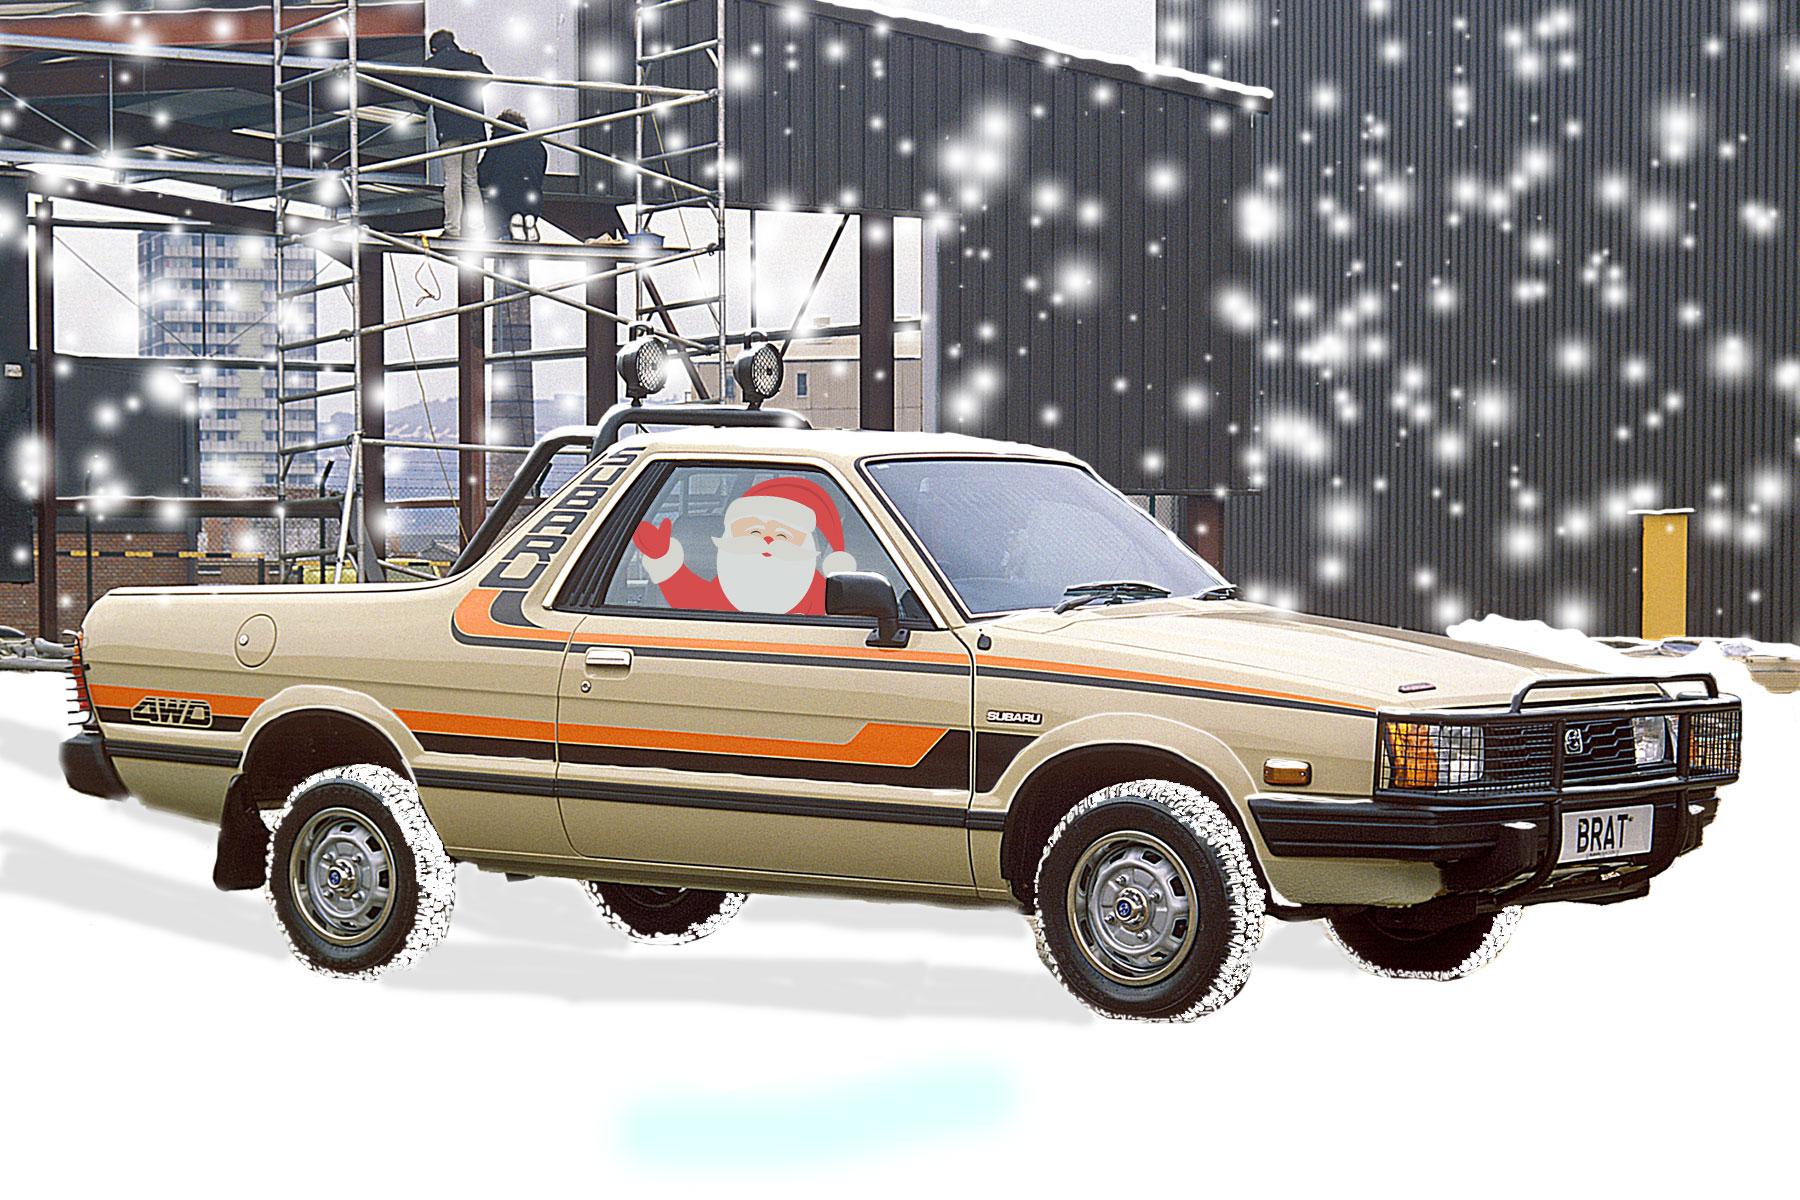 Santa driving a Subaru BRAT